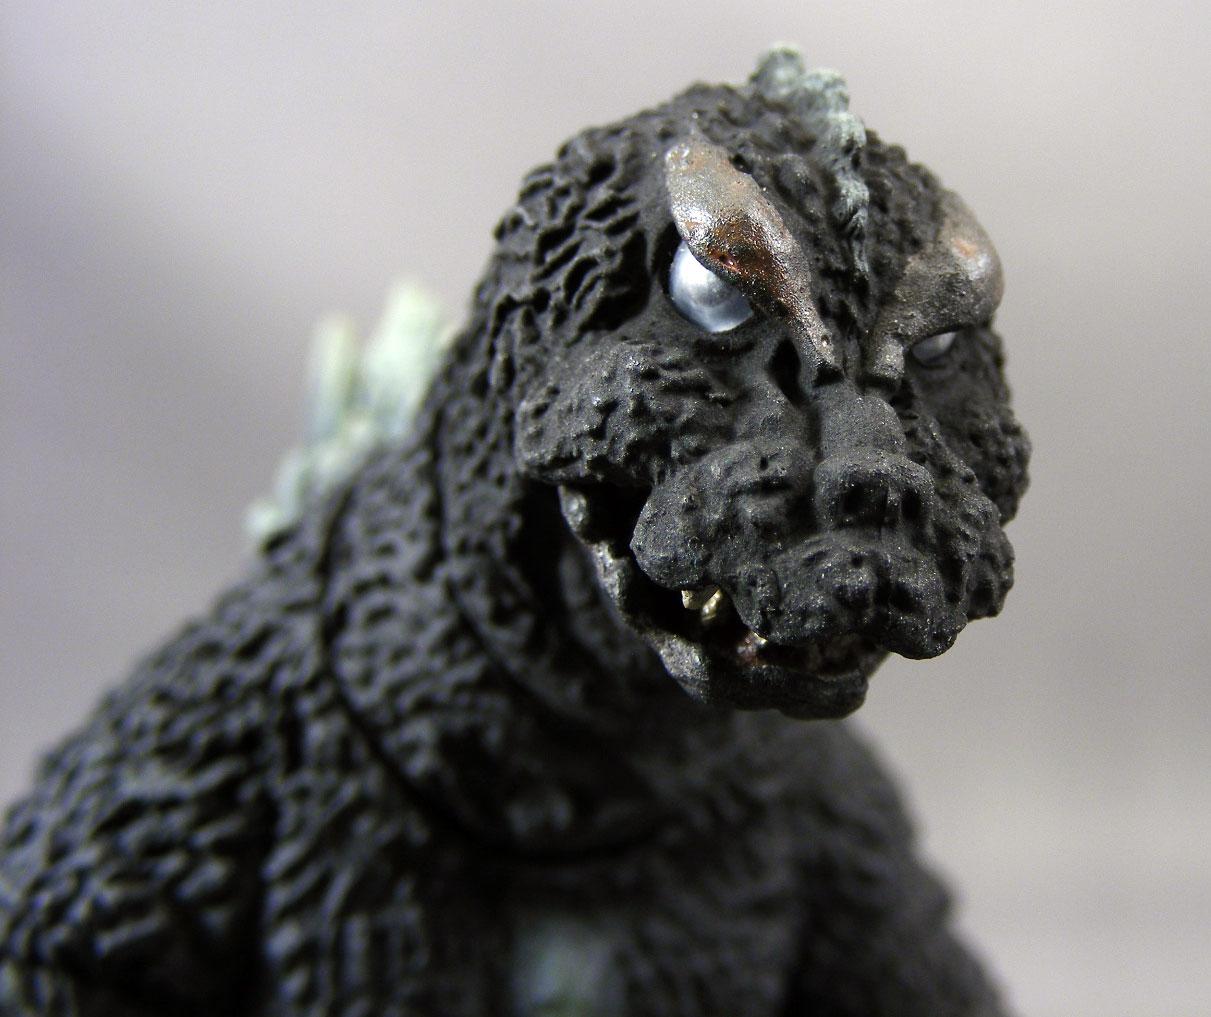 Review > Godzilla 1964 (S.H.MonsterArts, Tamashii Nations ...